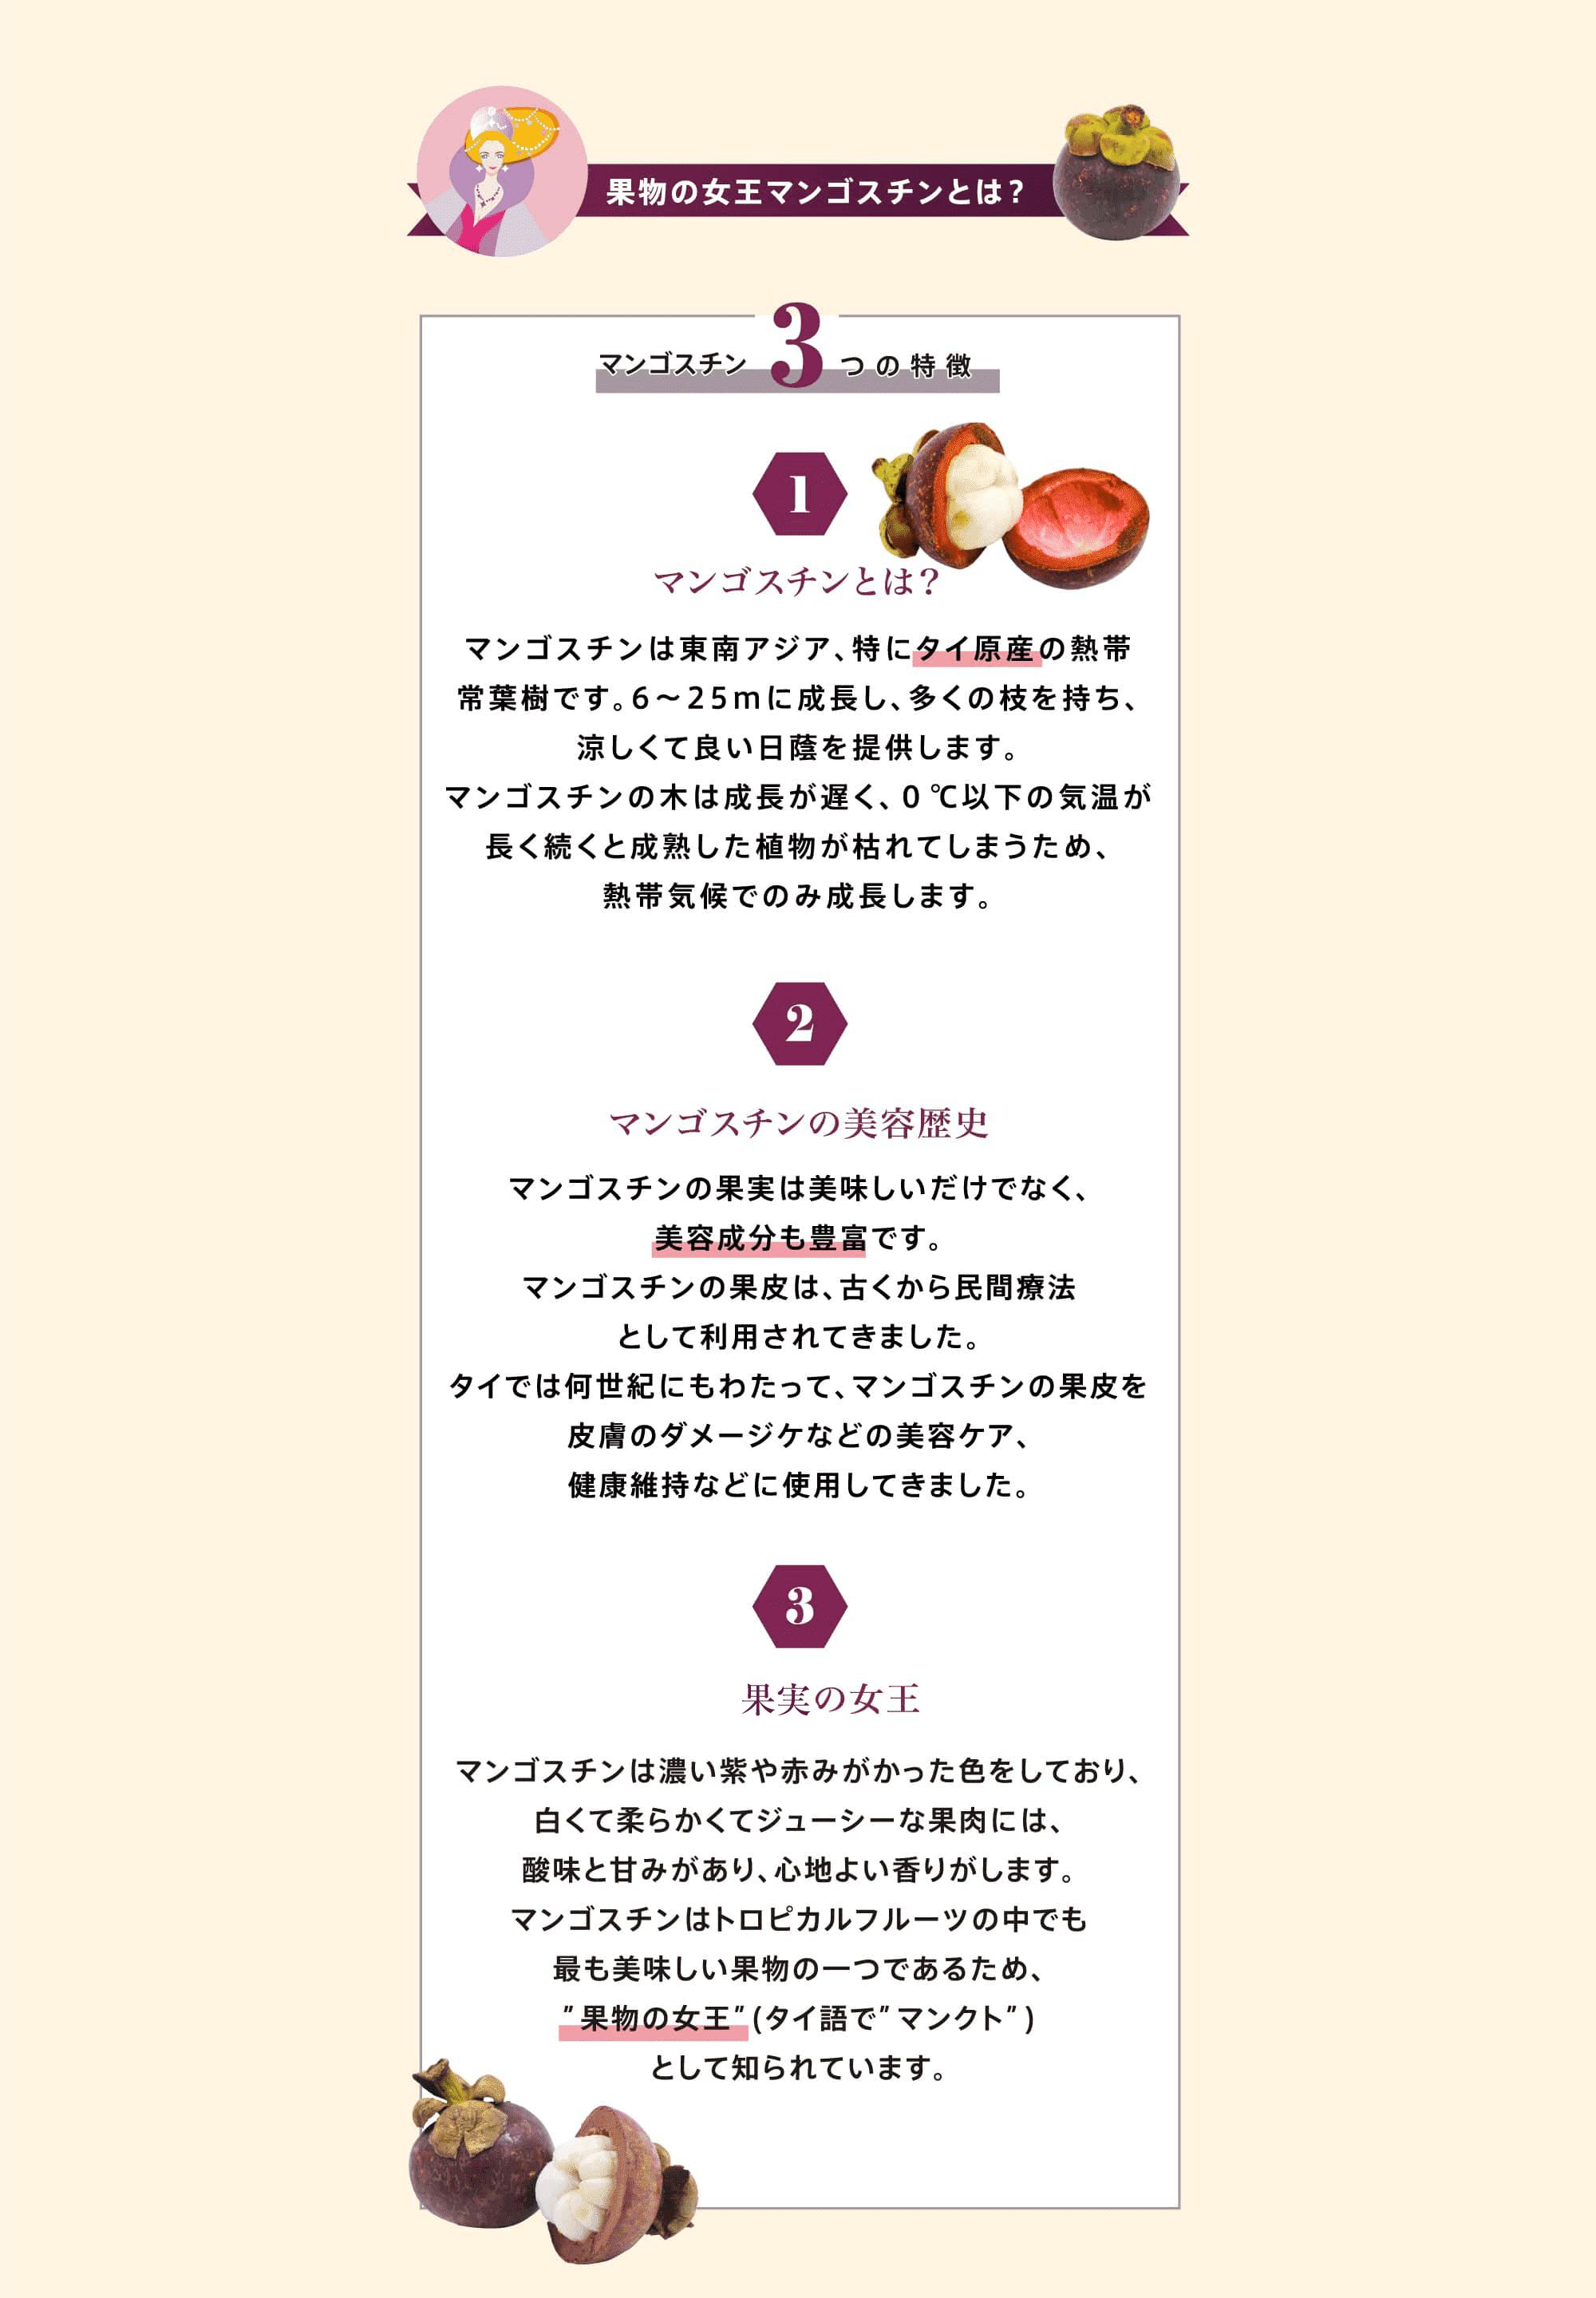 果物の女王マンゴスチンとは?マンゴスチン3つの特徴